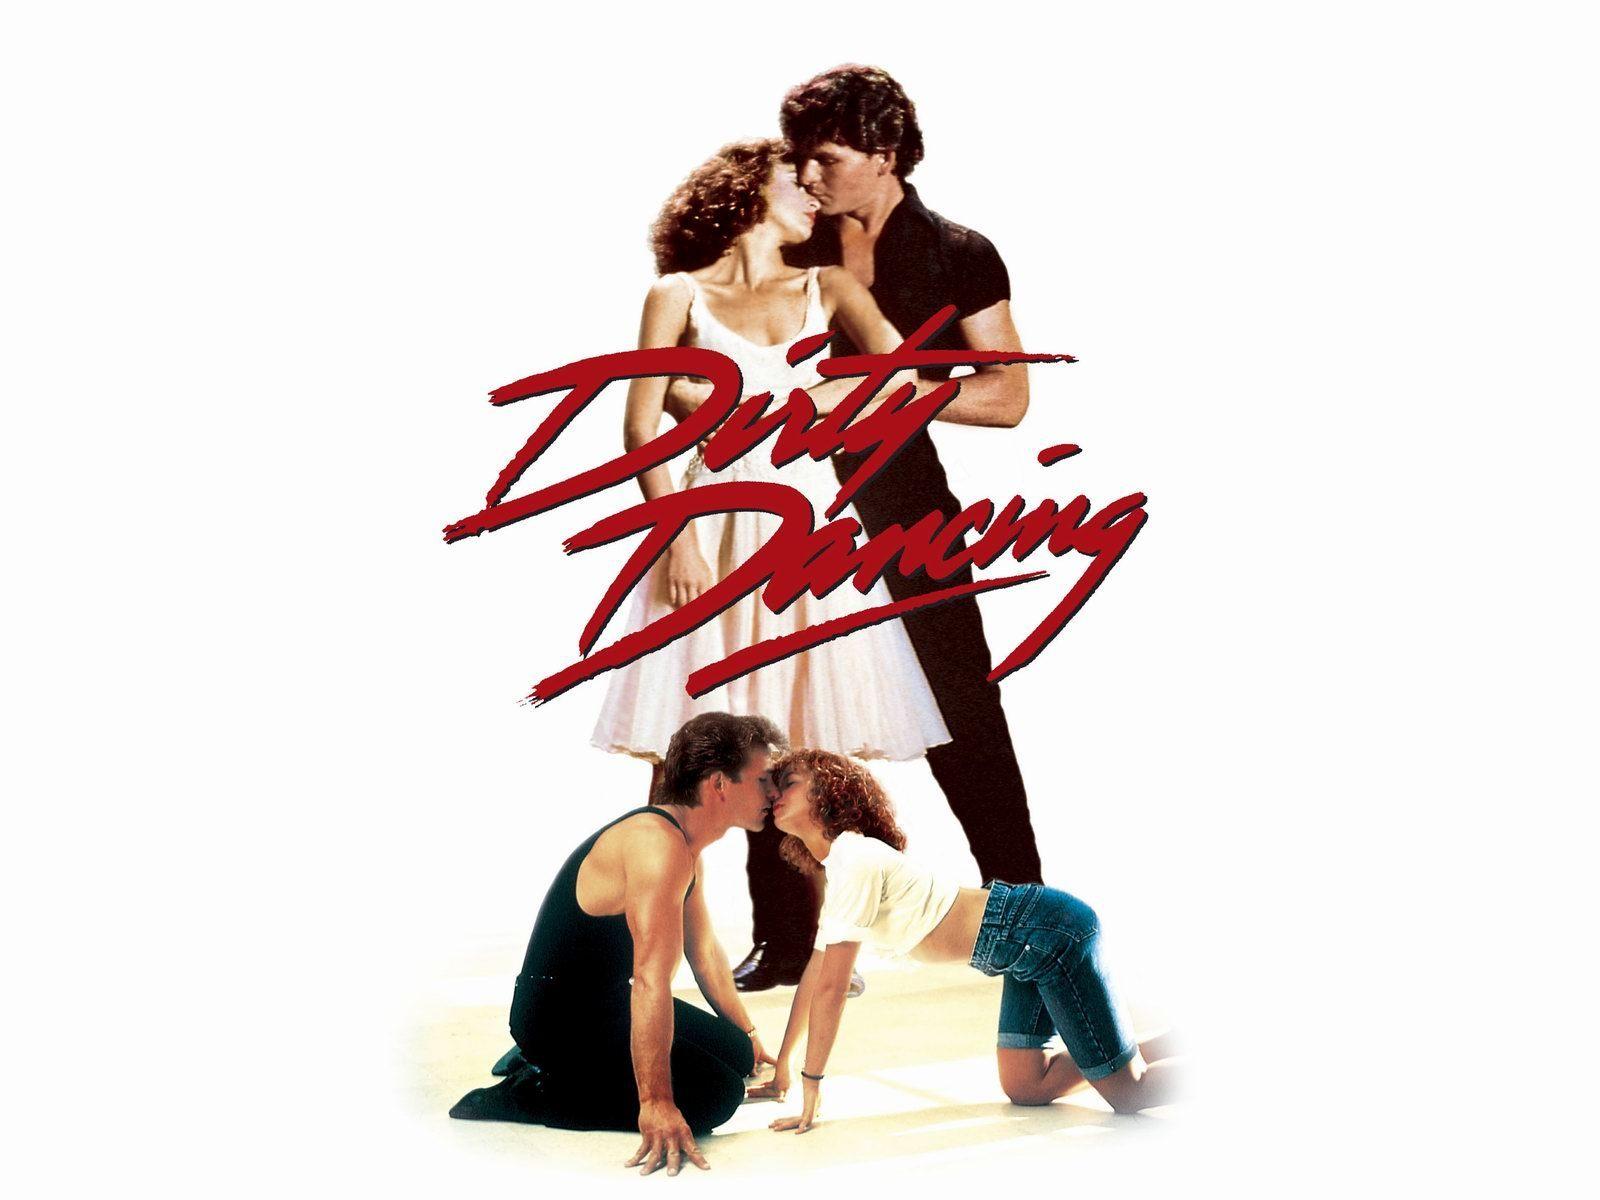 Dirty Dancing   Dirty Dancing Wallpaper 11176709 1600x1200